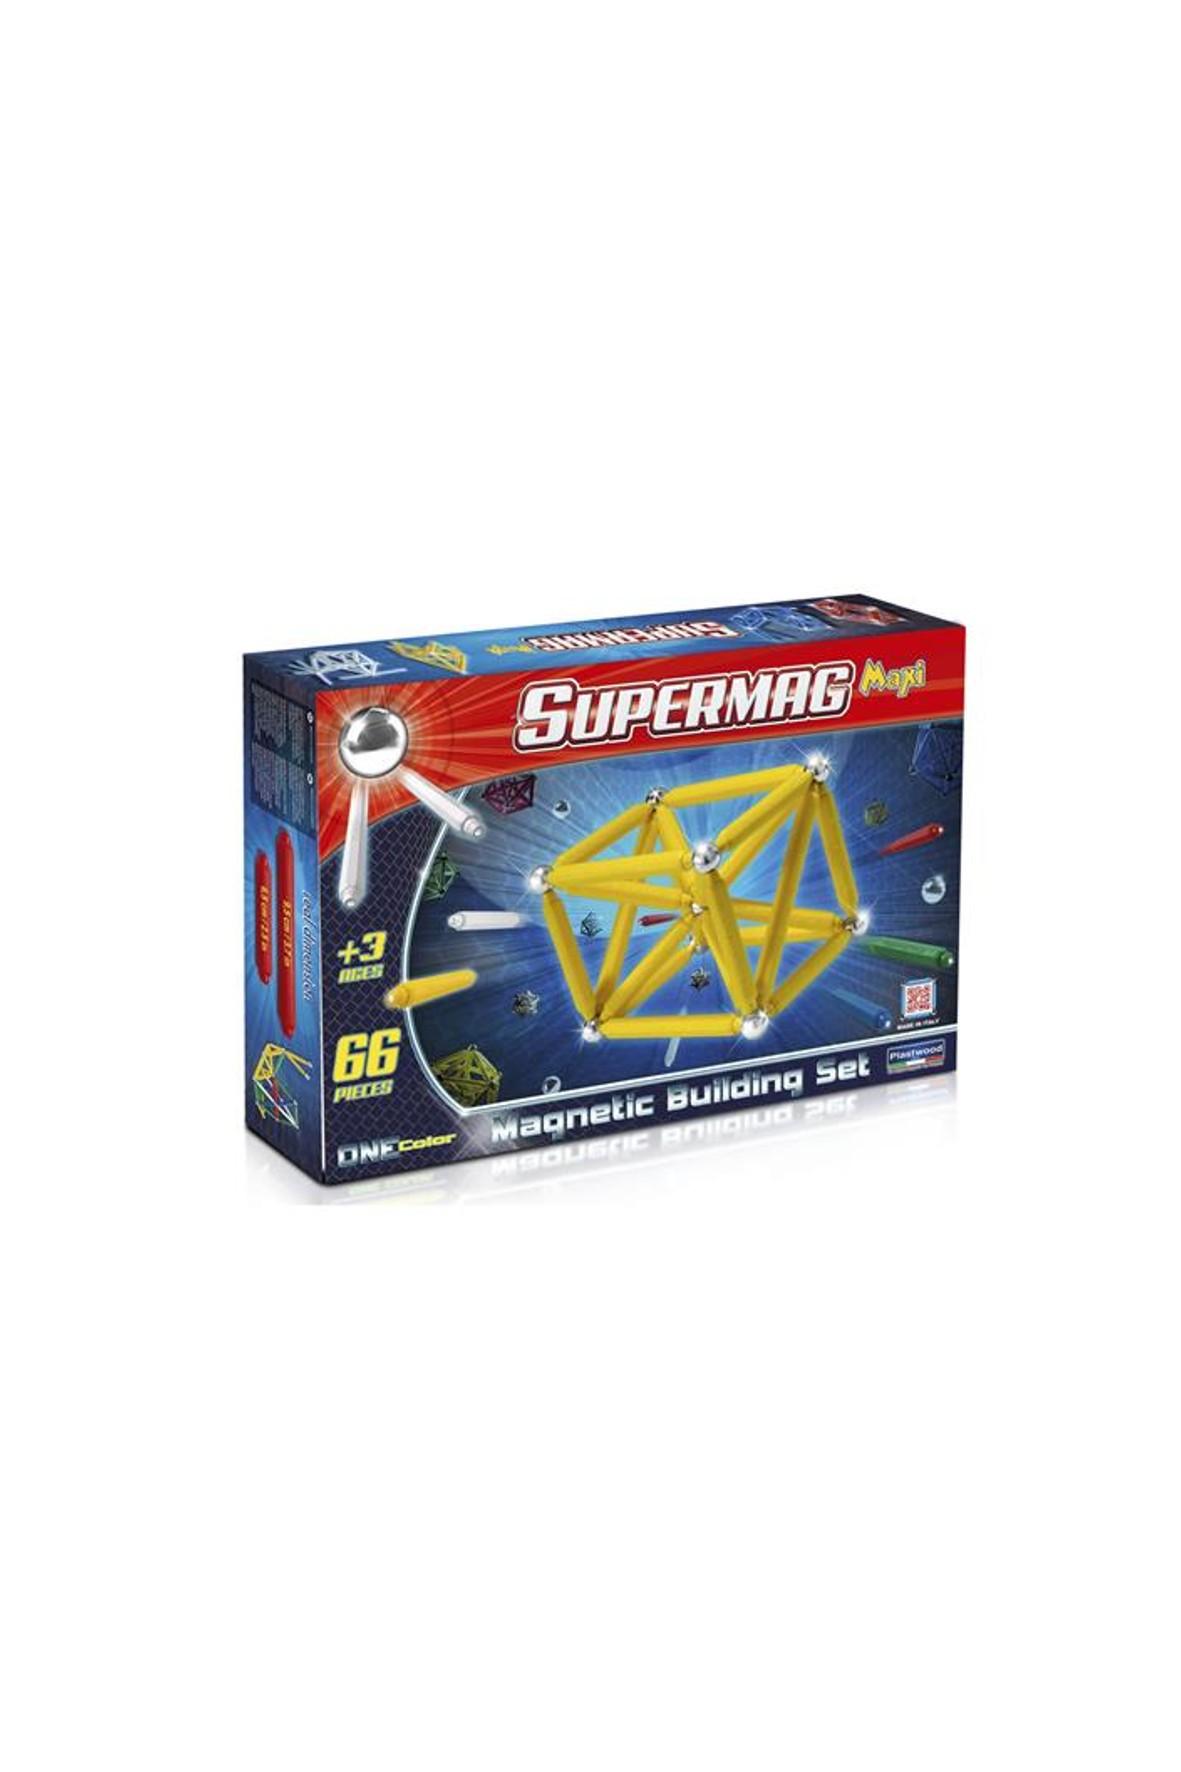 Supermag Maxi One Color 66 el